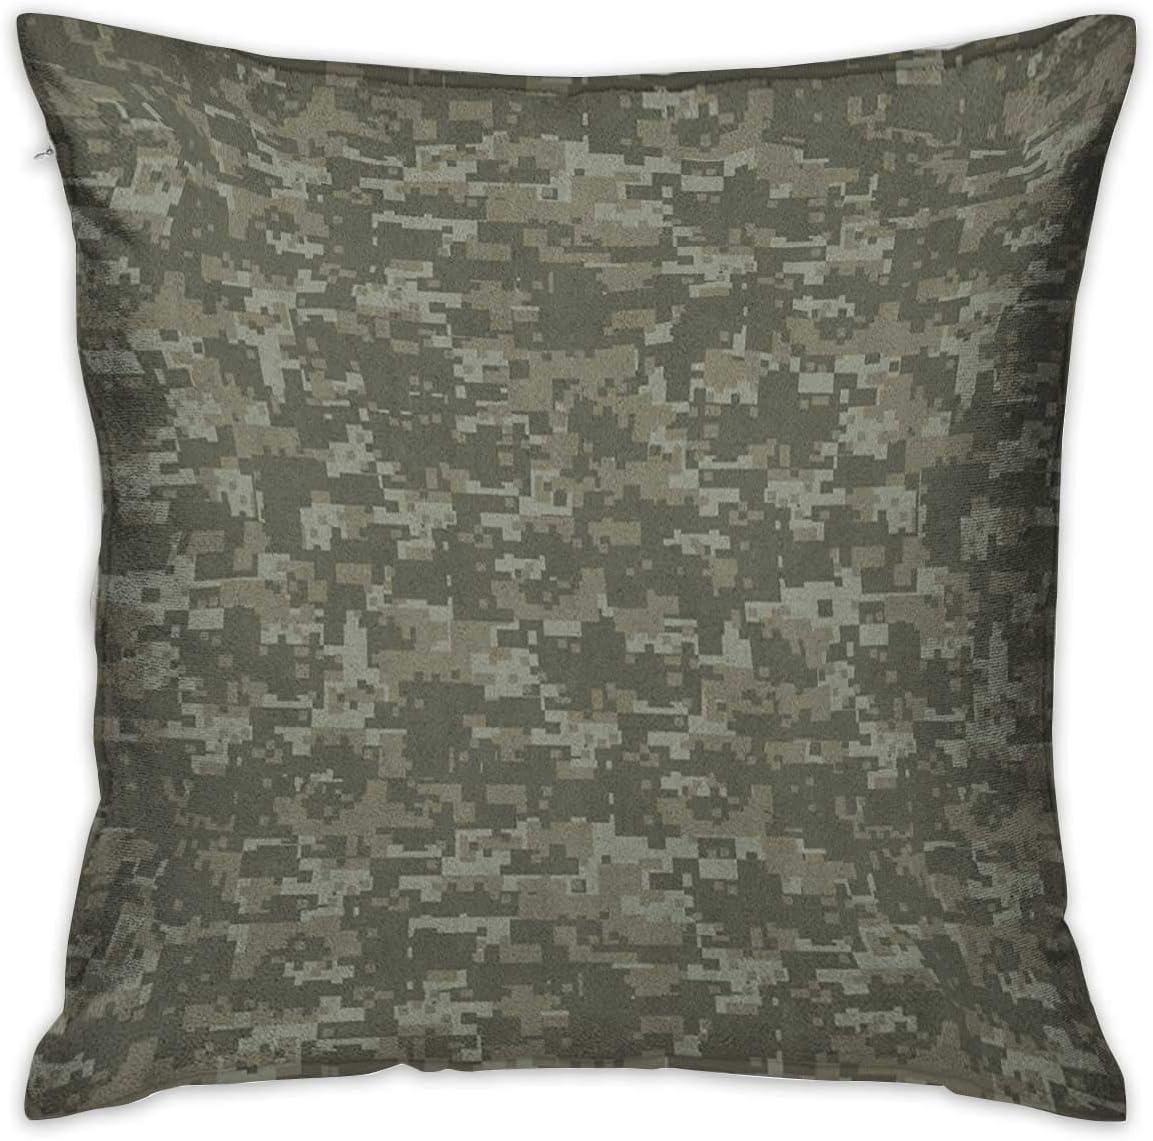 Funda de almohada personalizada cuadrada de camuflaje Patrón de vestimenta monocromática que oculta Escondite en el bosque Estampado temático Verde militar Fundas de cojín Verde salvia Fundas de almoh